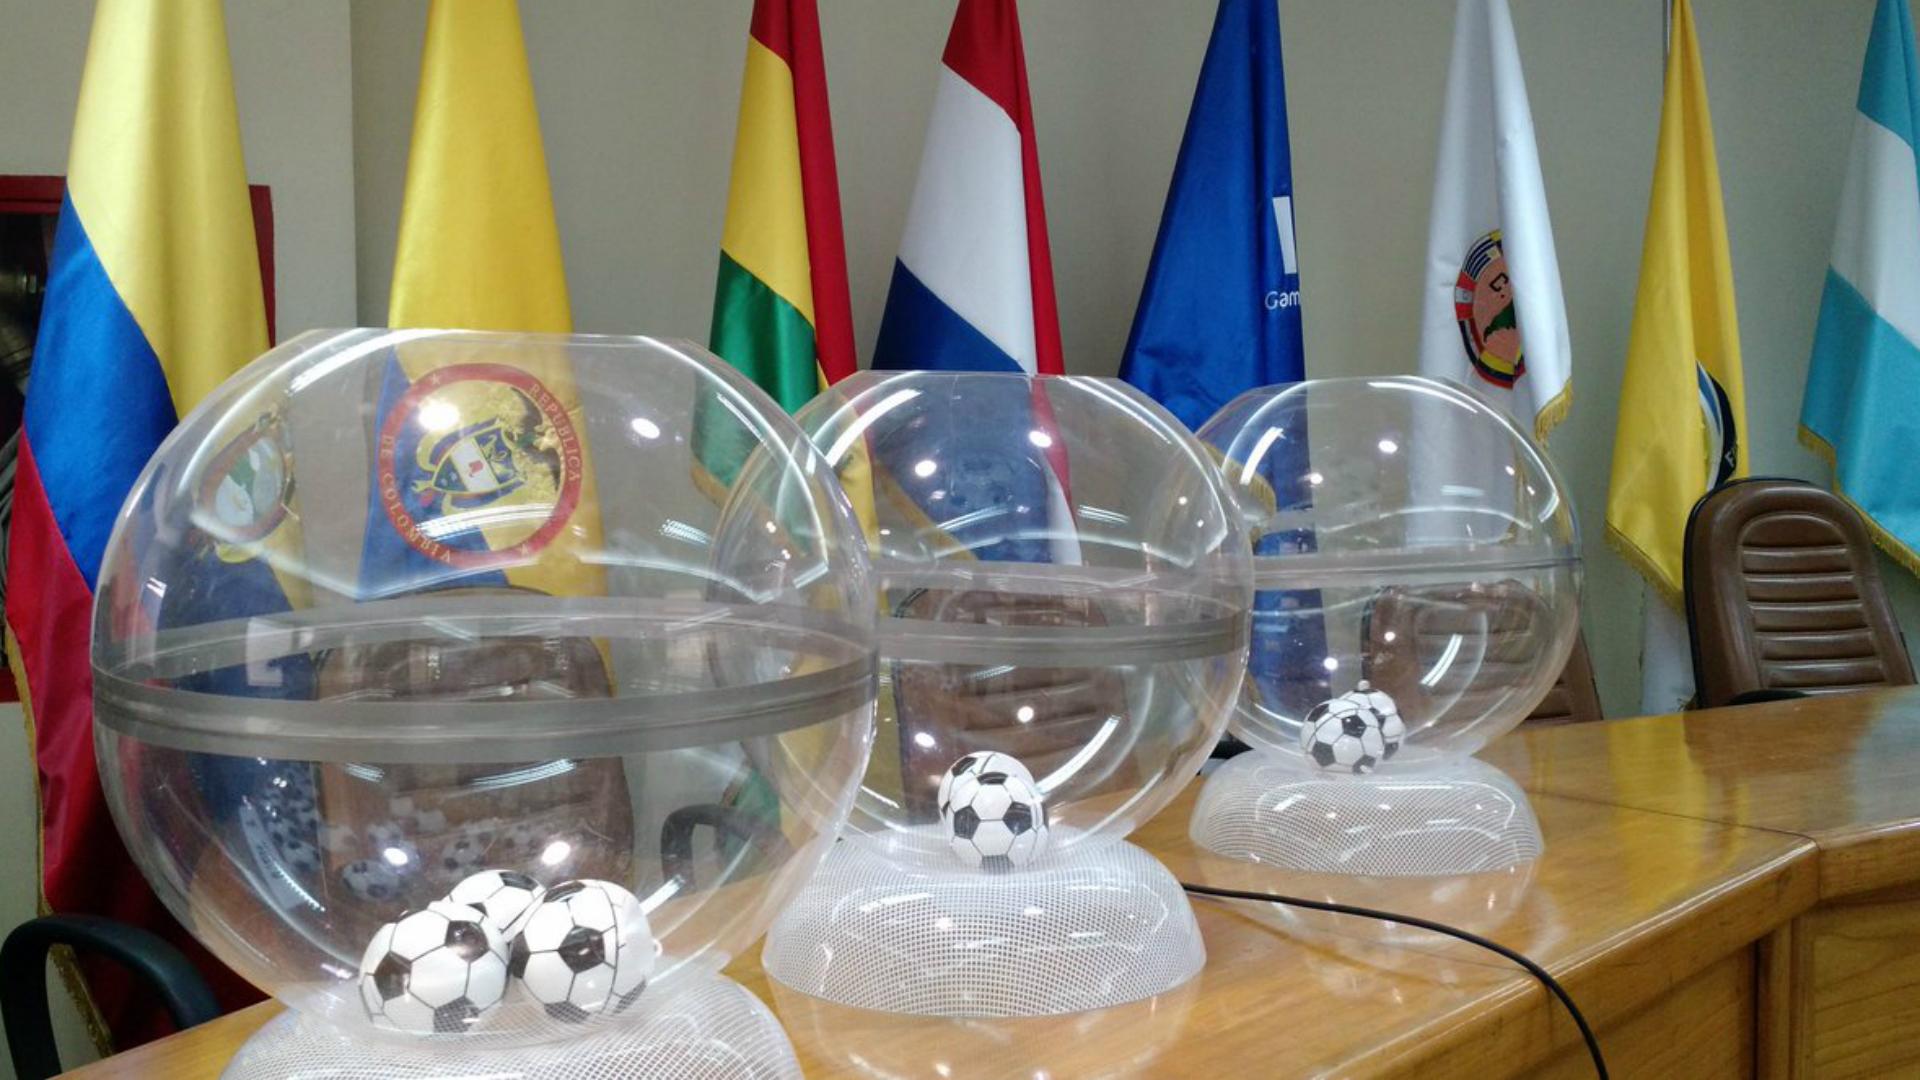 Los secretos detrás de los contratos de las estrellas del fútbol